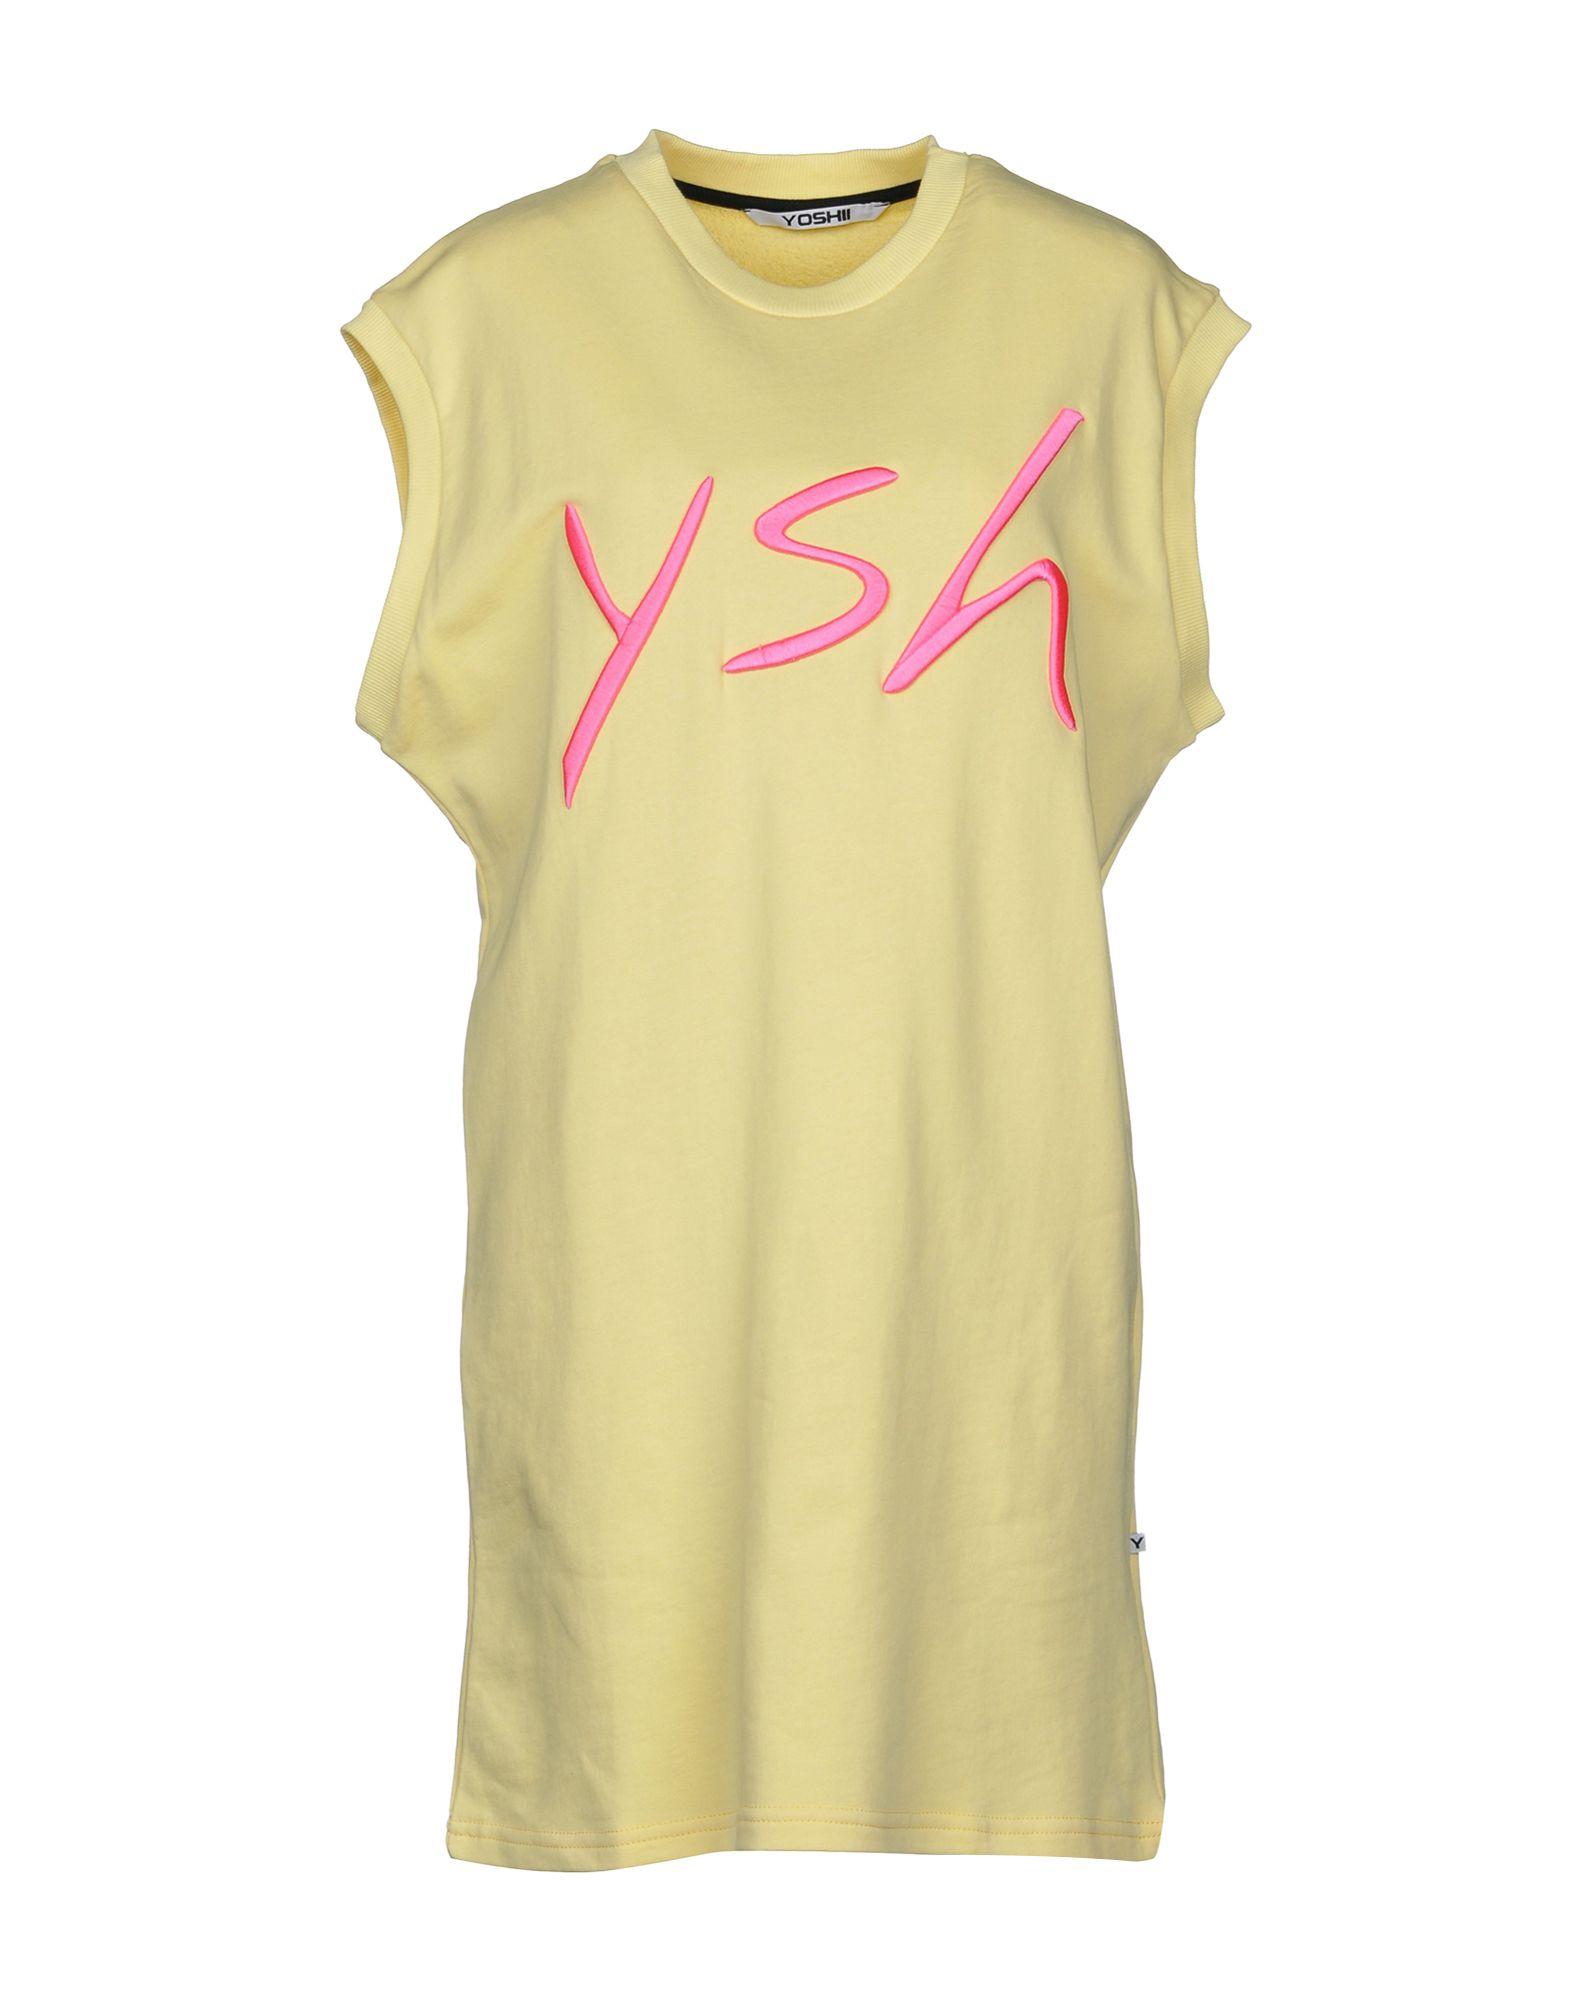 YOSHII Damen Kurzes Kleid Farbe Gelb Größe 4